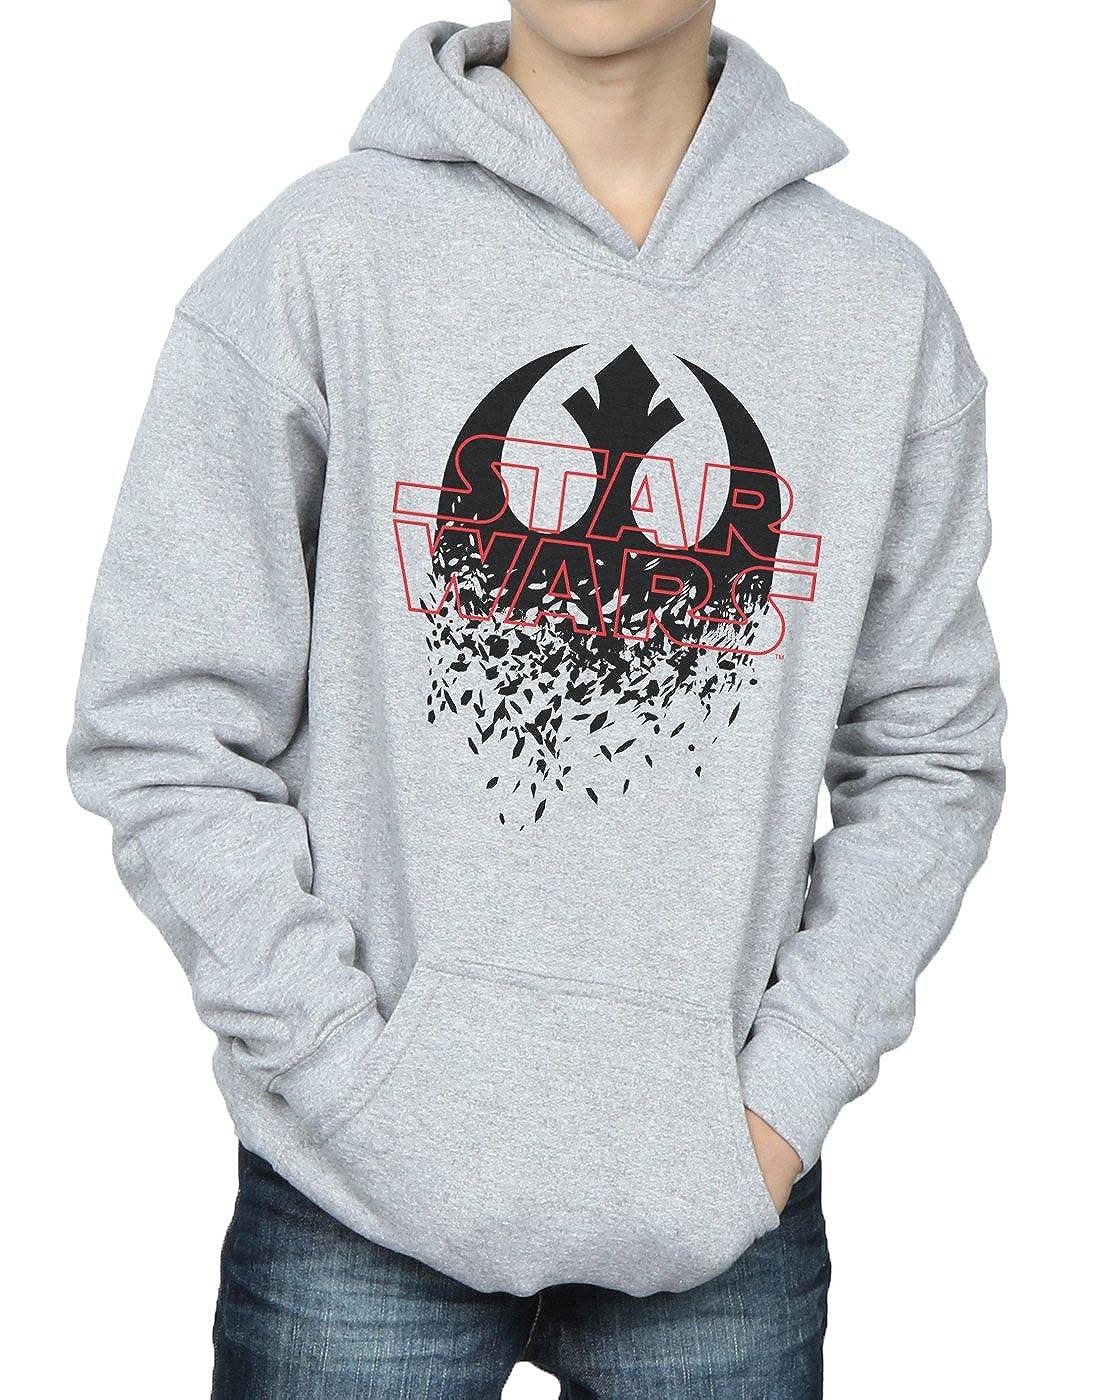 54ce709744 STAR WARS Bambini e Ragazzi The Last Jedi Shattered Emblem Felpa con ...